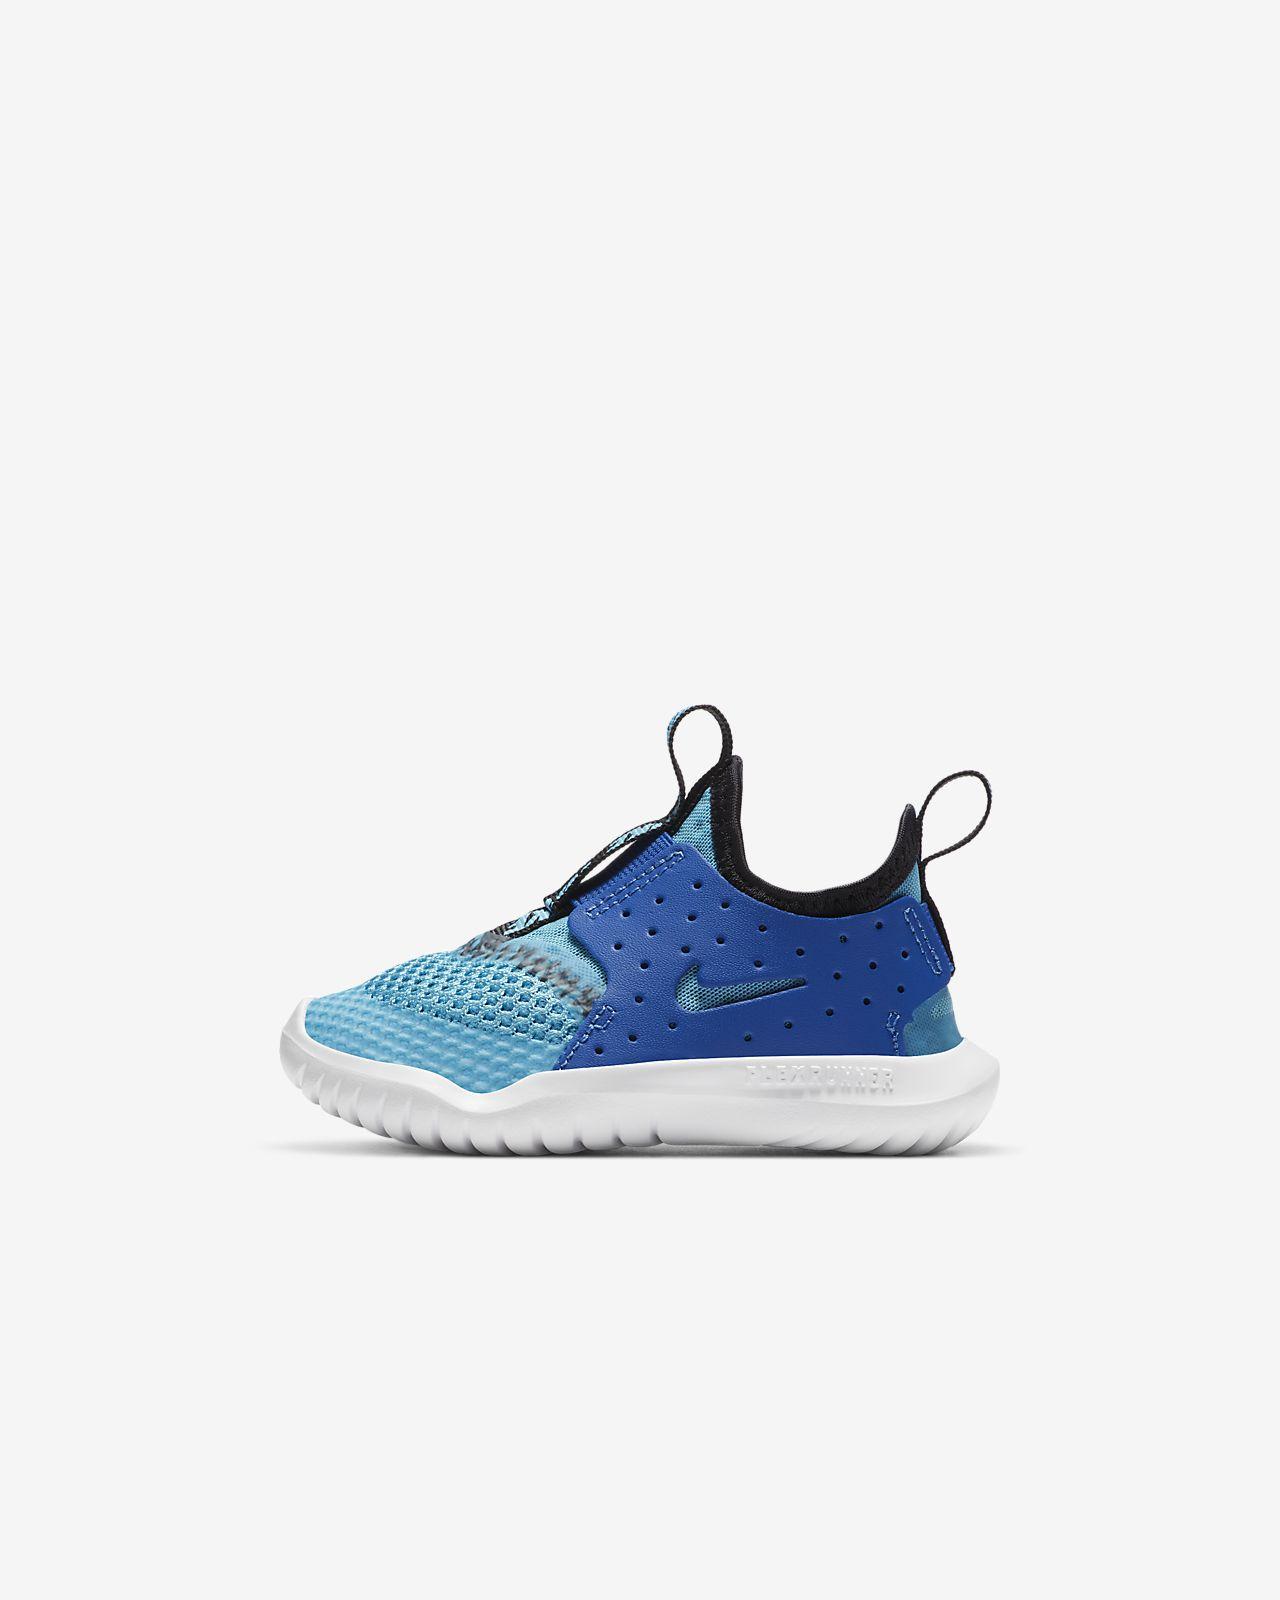 Nike Flex Runner Breathe (TD) 婴童运动童鞋